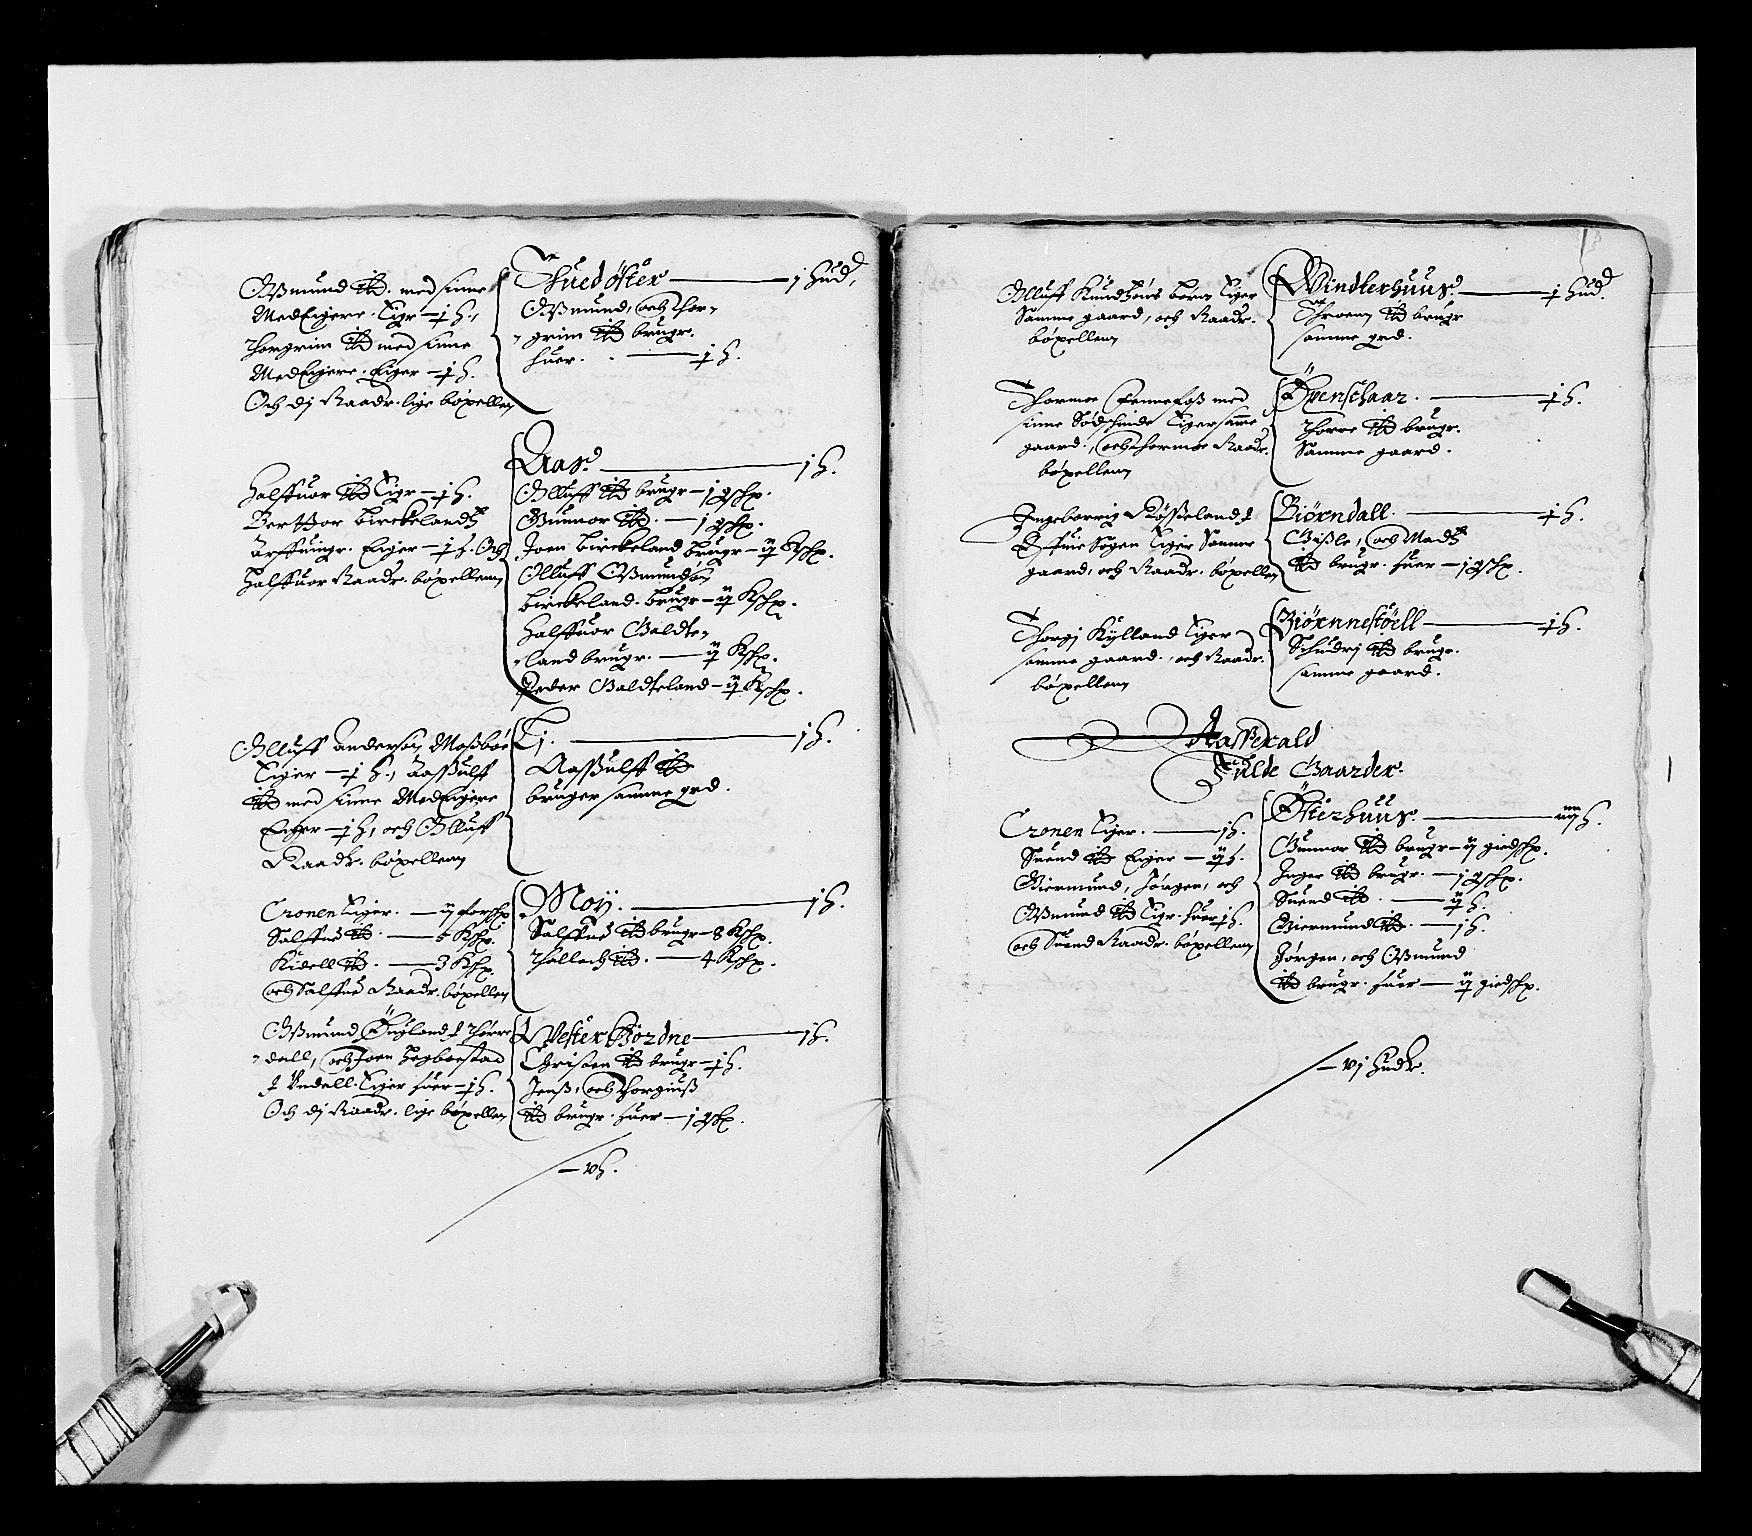 RA, Stattholderembetet 1572-1771, Ek/L0023: Jordebøker 1633-1658:, 1648-1649, s. 33